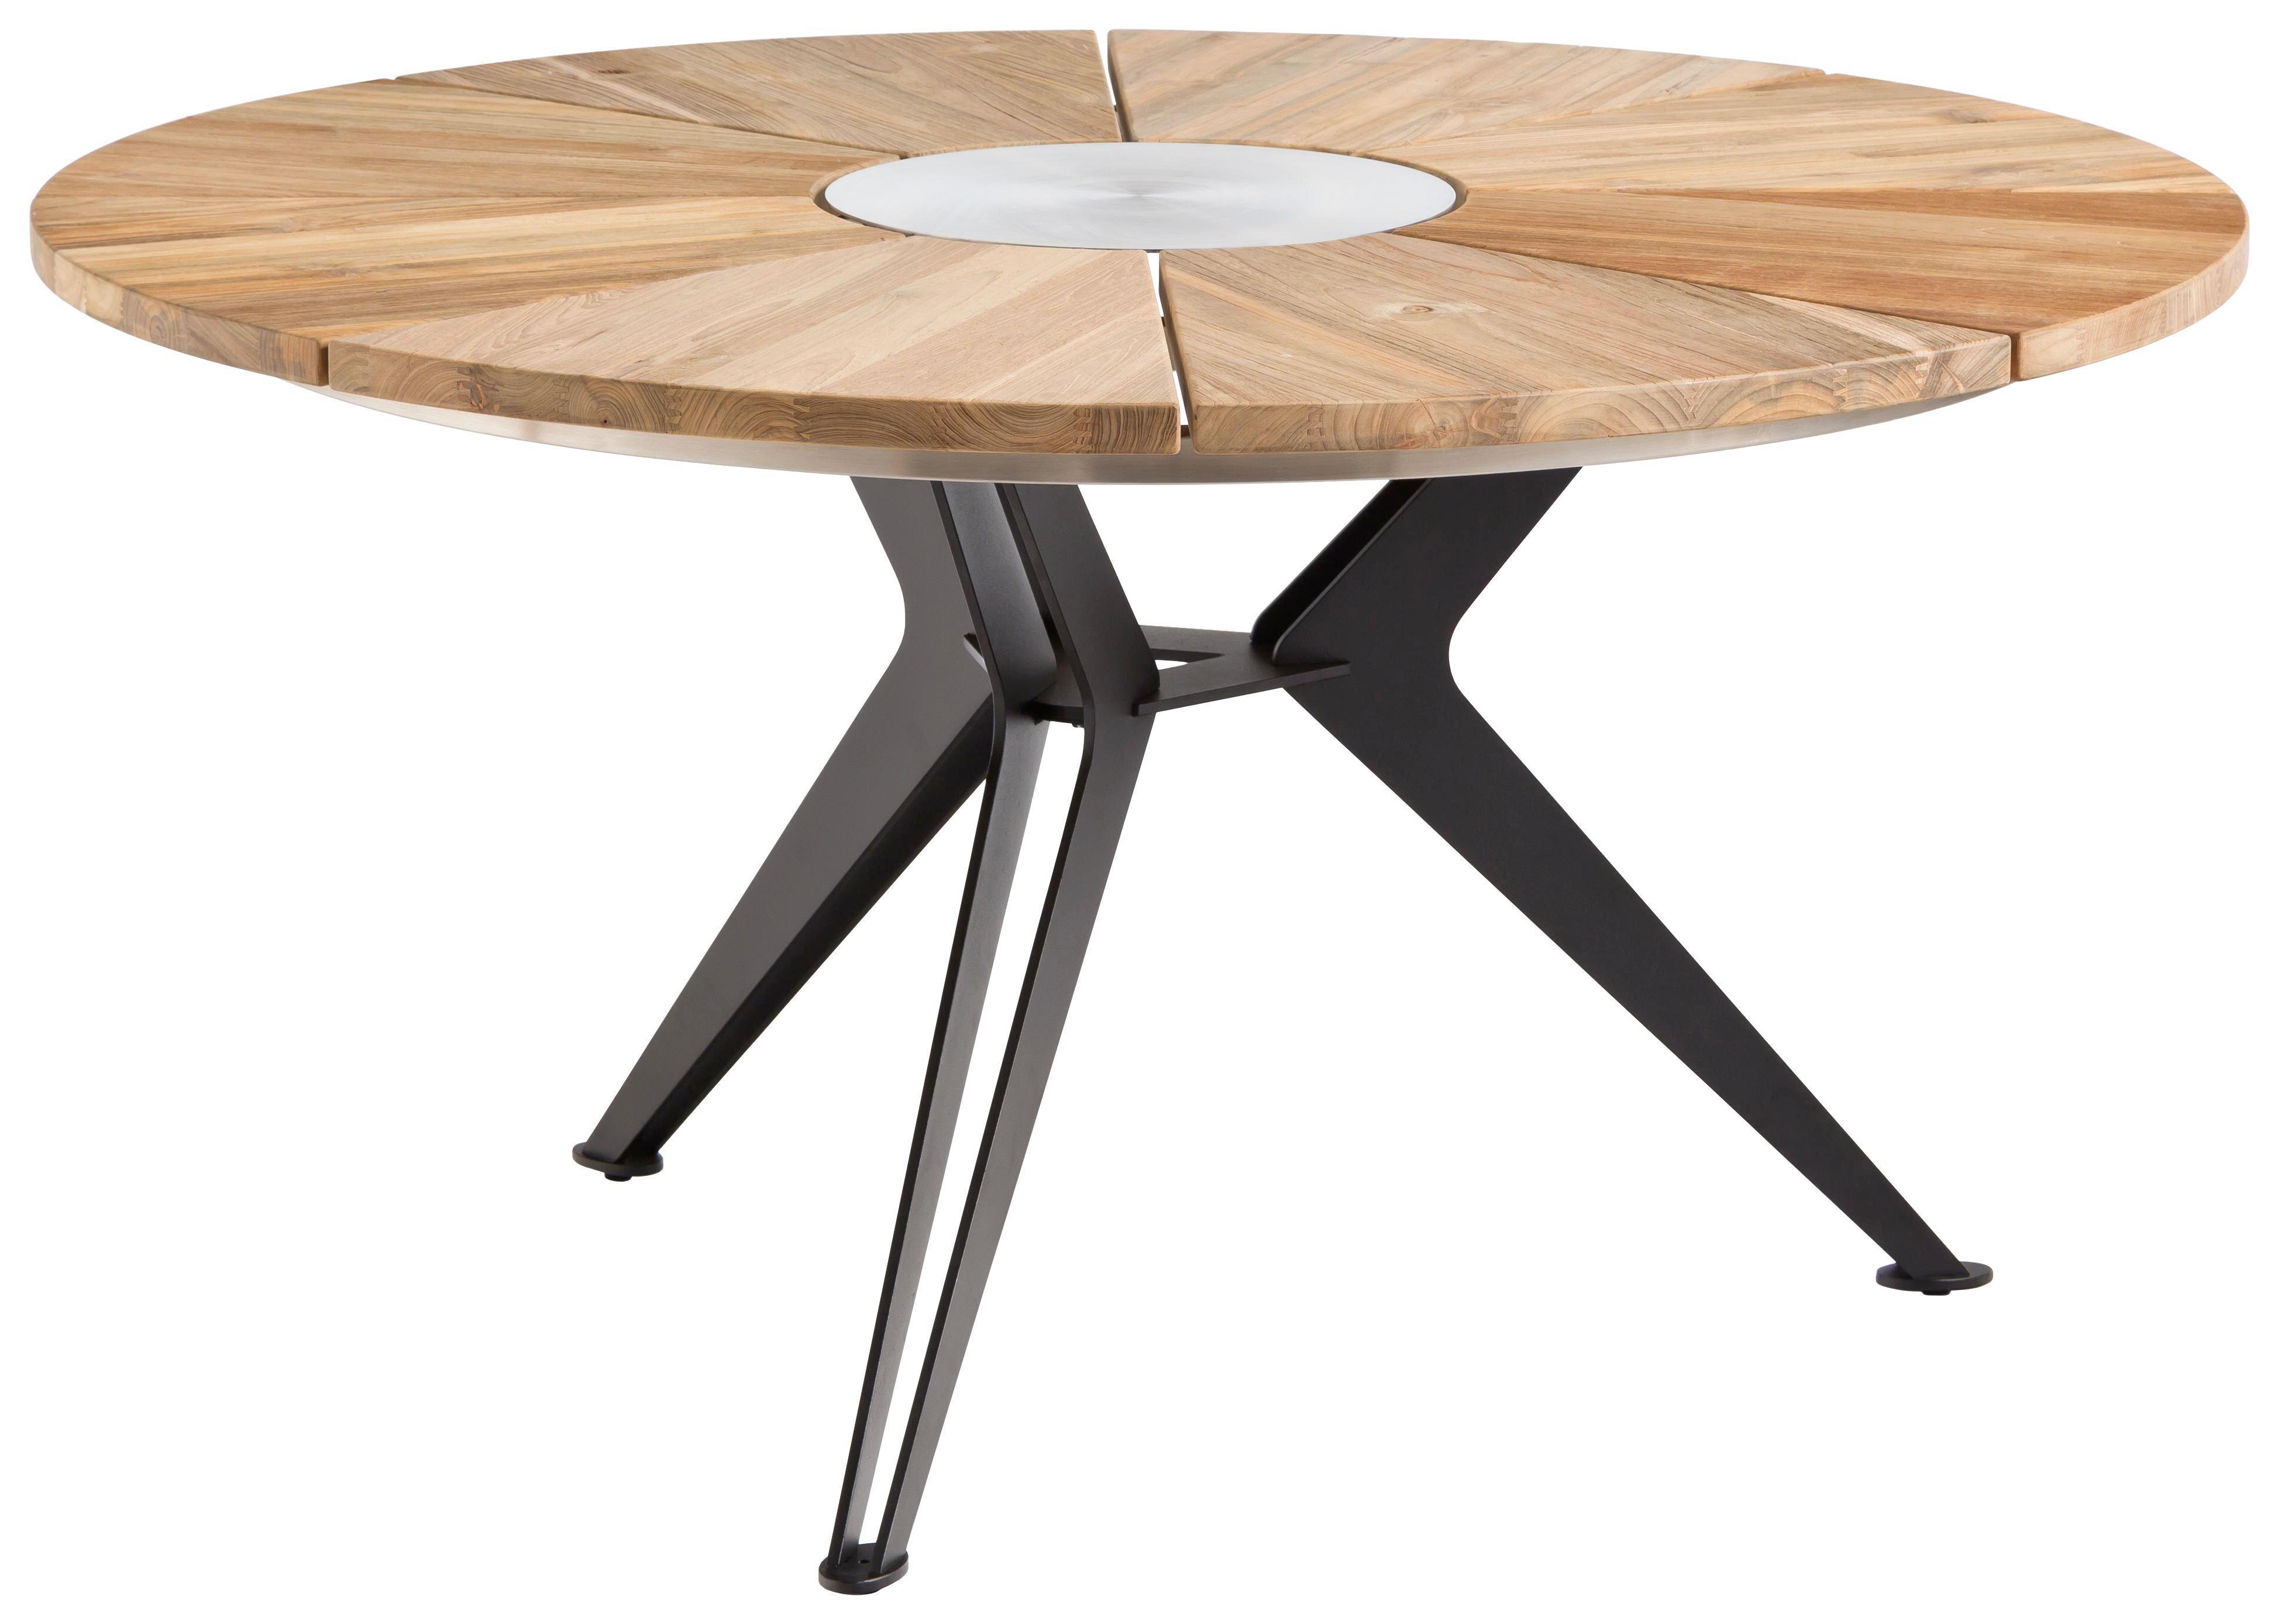 Gartentisch Metall Rechteckig Aluminium Gartentisch Holz